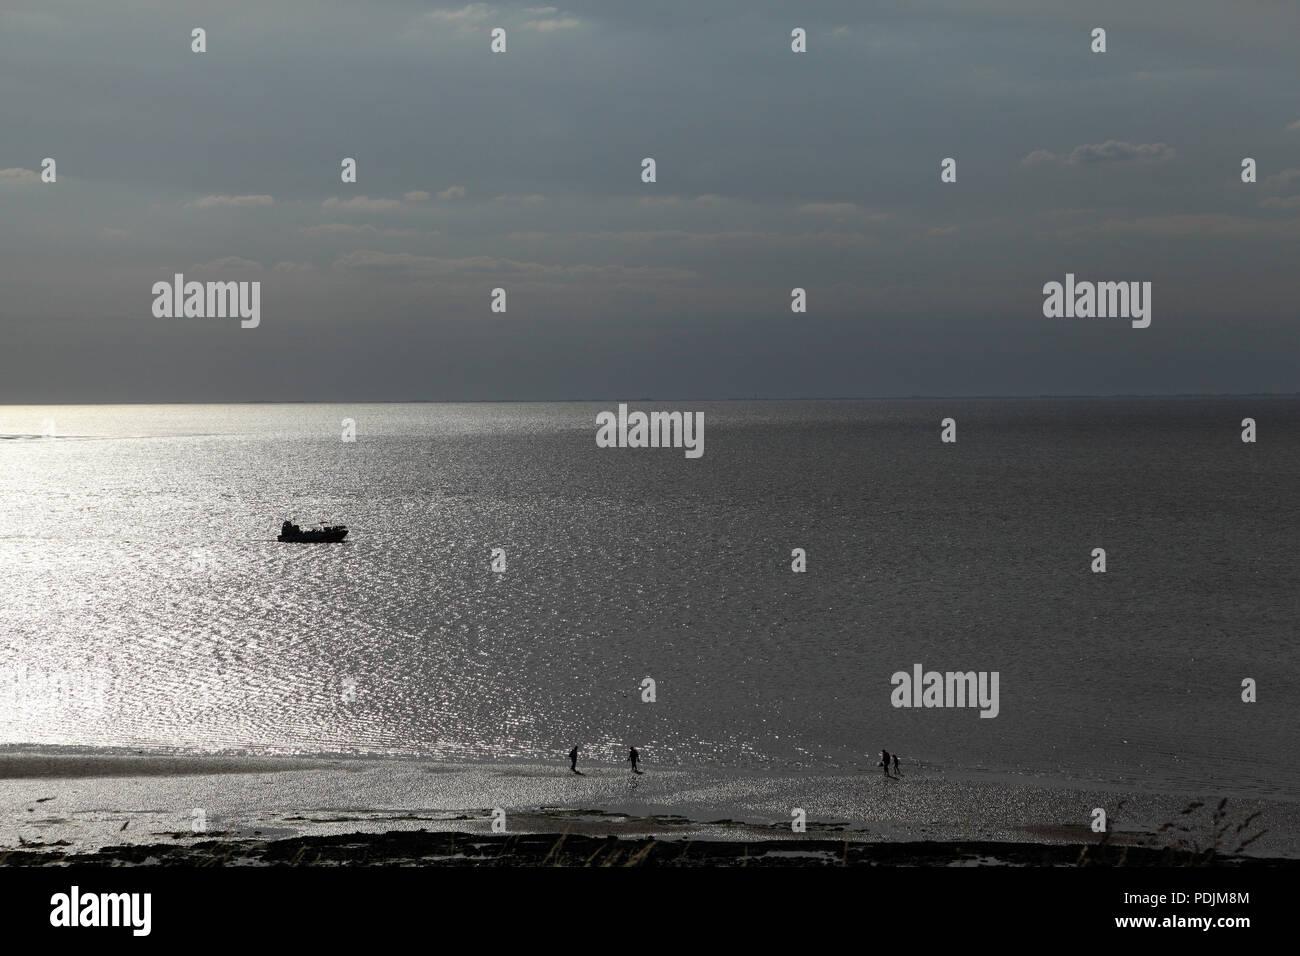 Die Wäsche Monster, finsteren Silhouette, Amphibischen, Pkw, Boot, vergnügen, Kreuzfahrt, die Wäsche, von Hunstanton, Abendlicht, Norfolk, Großbritannien Stockbild